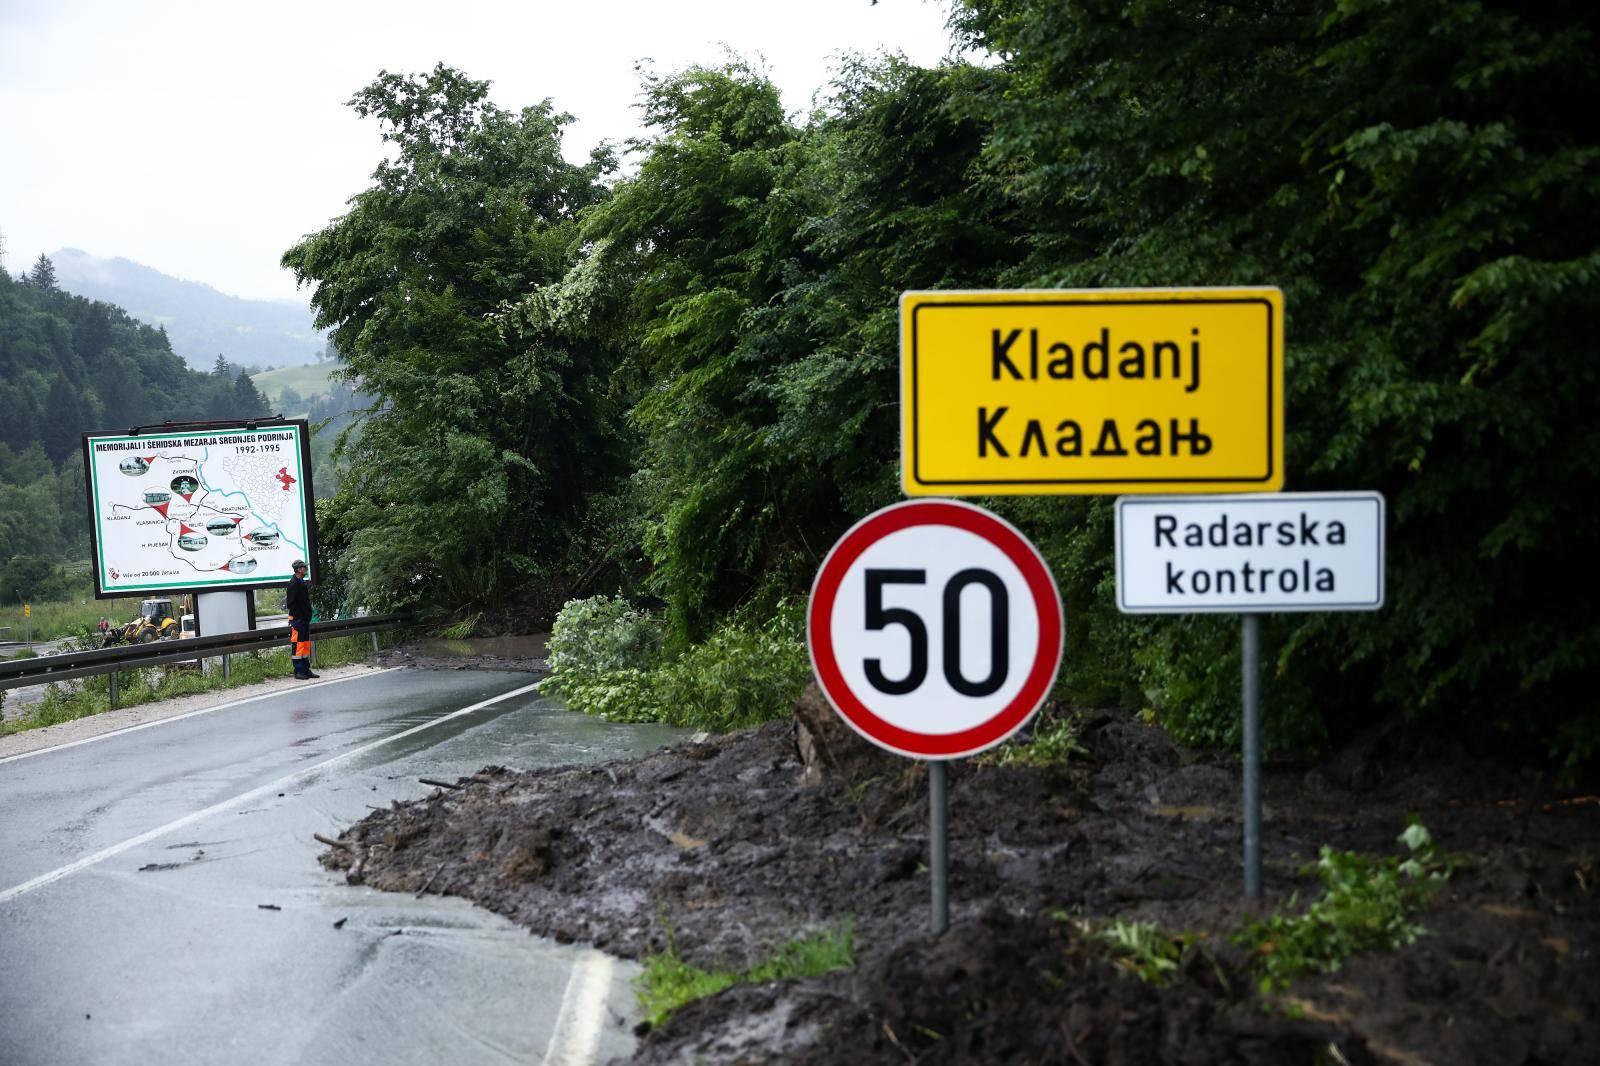 Kladanj: Zbog klizišta zaustavljen promet na relaciji Tuzla - Sarajevo